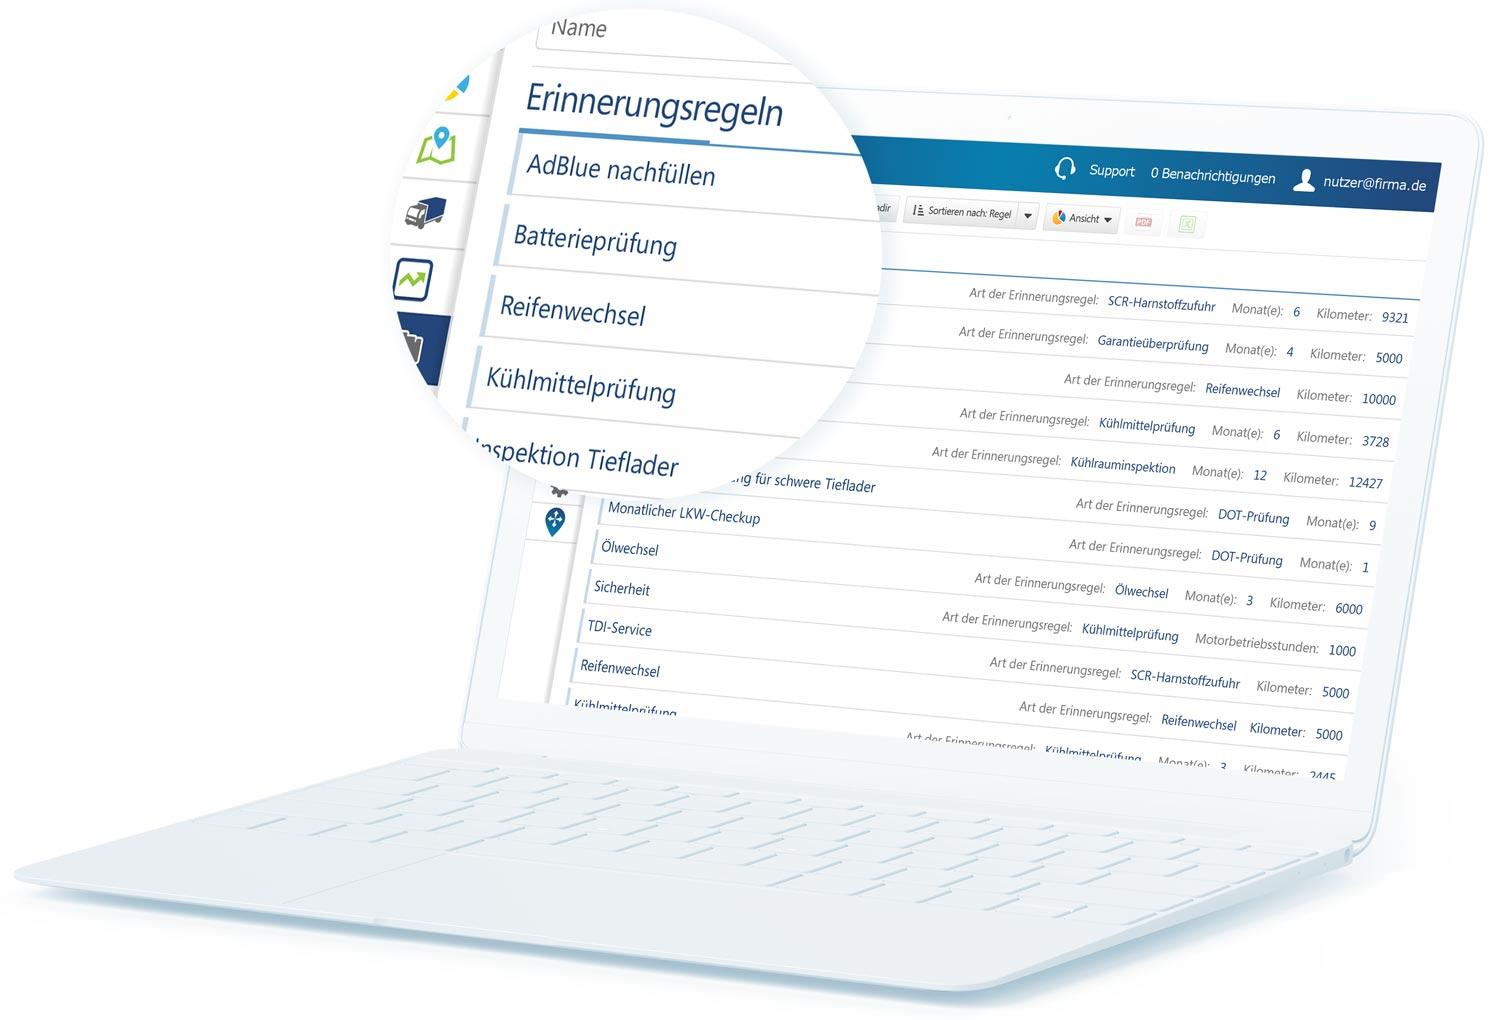 Regeln für MyGeotab-Wartungserinnerungen auf einem weißen Laptop mit einer Legende, die einige Inhalte vergrößert